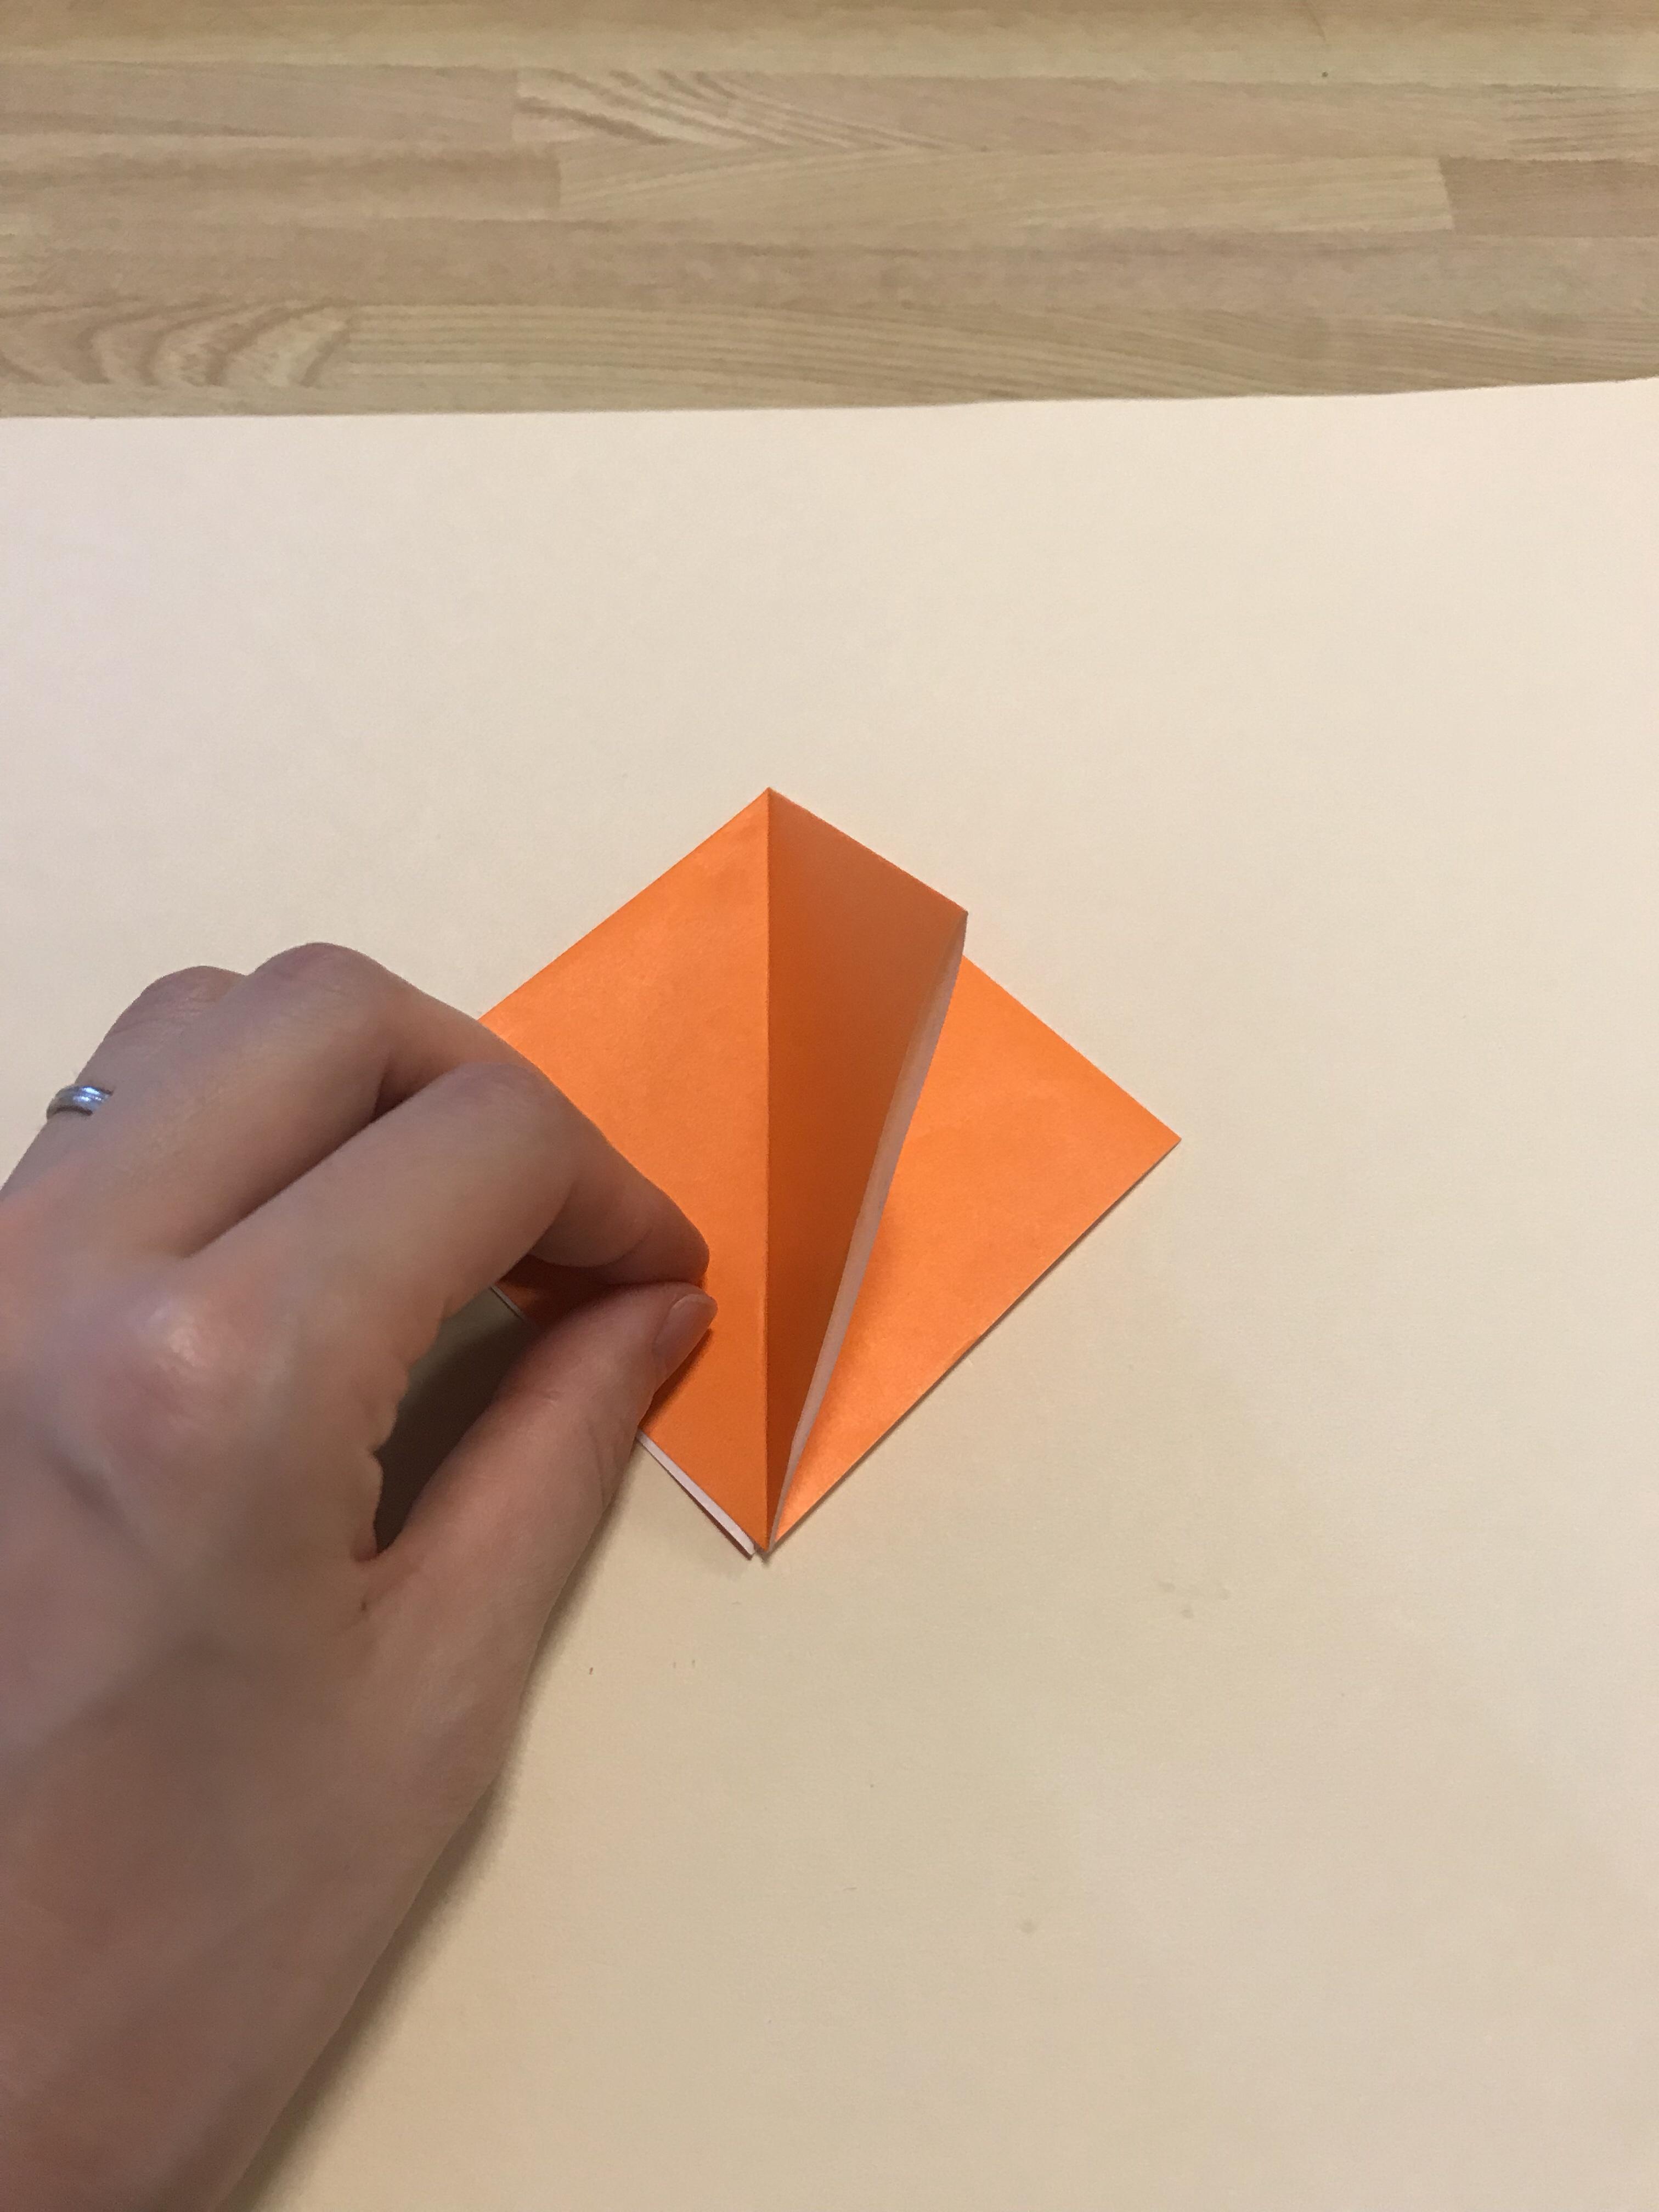 四角の右端をめくっている図